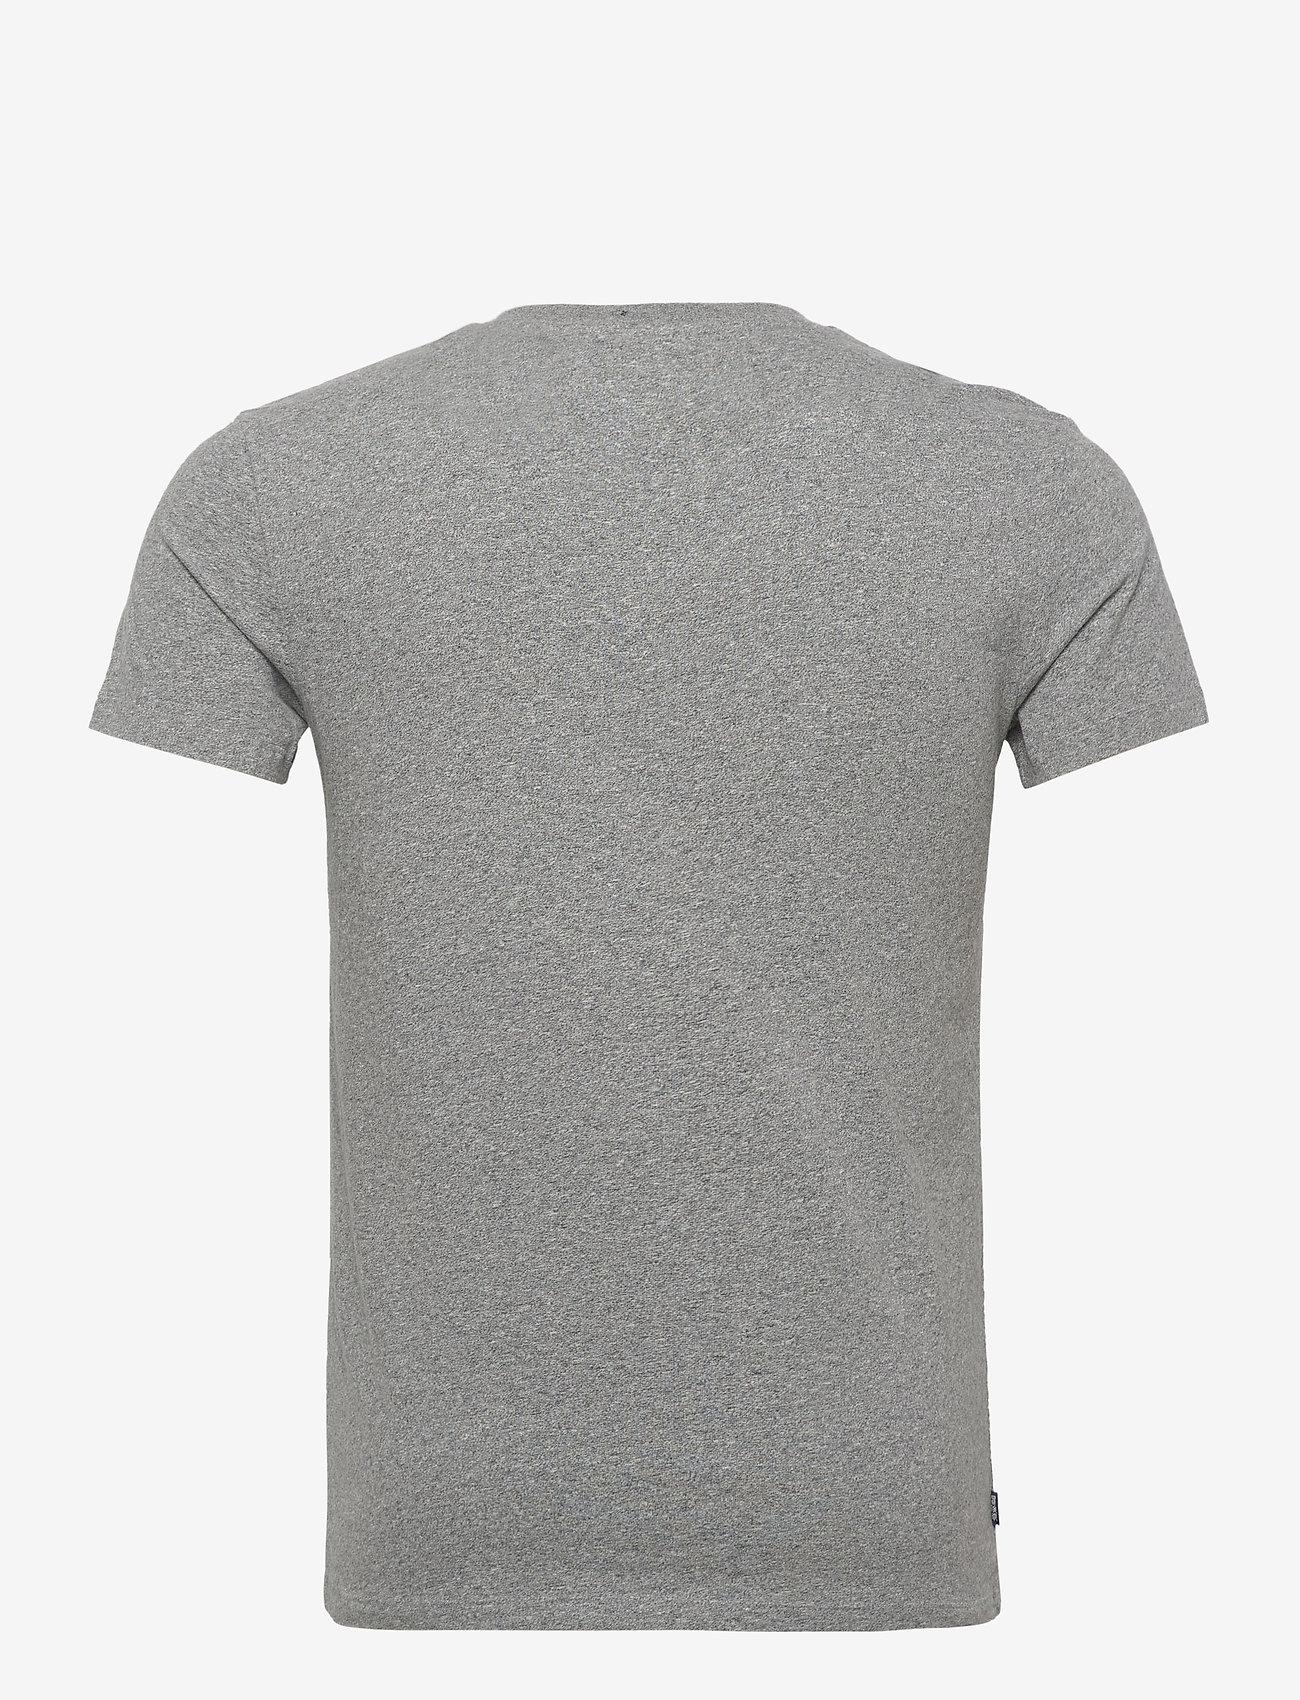 Superdry Ol Classic Vee Tee Ns - T-skjorter NOOS GREY MARL - Menn Klær